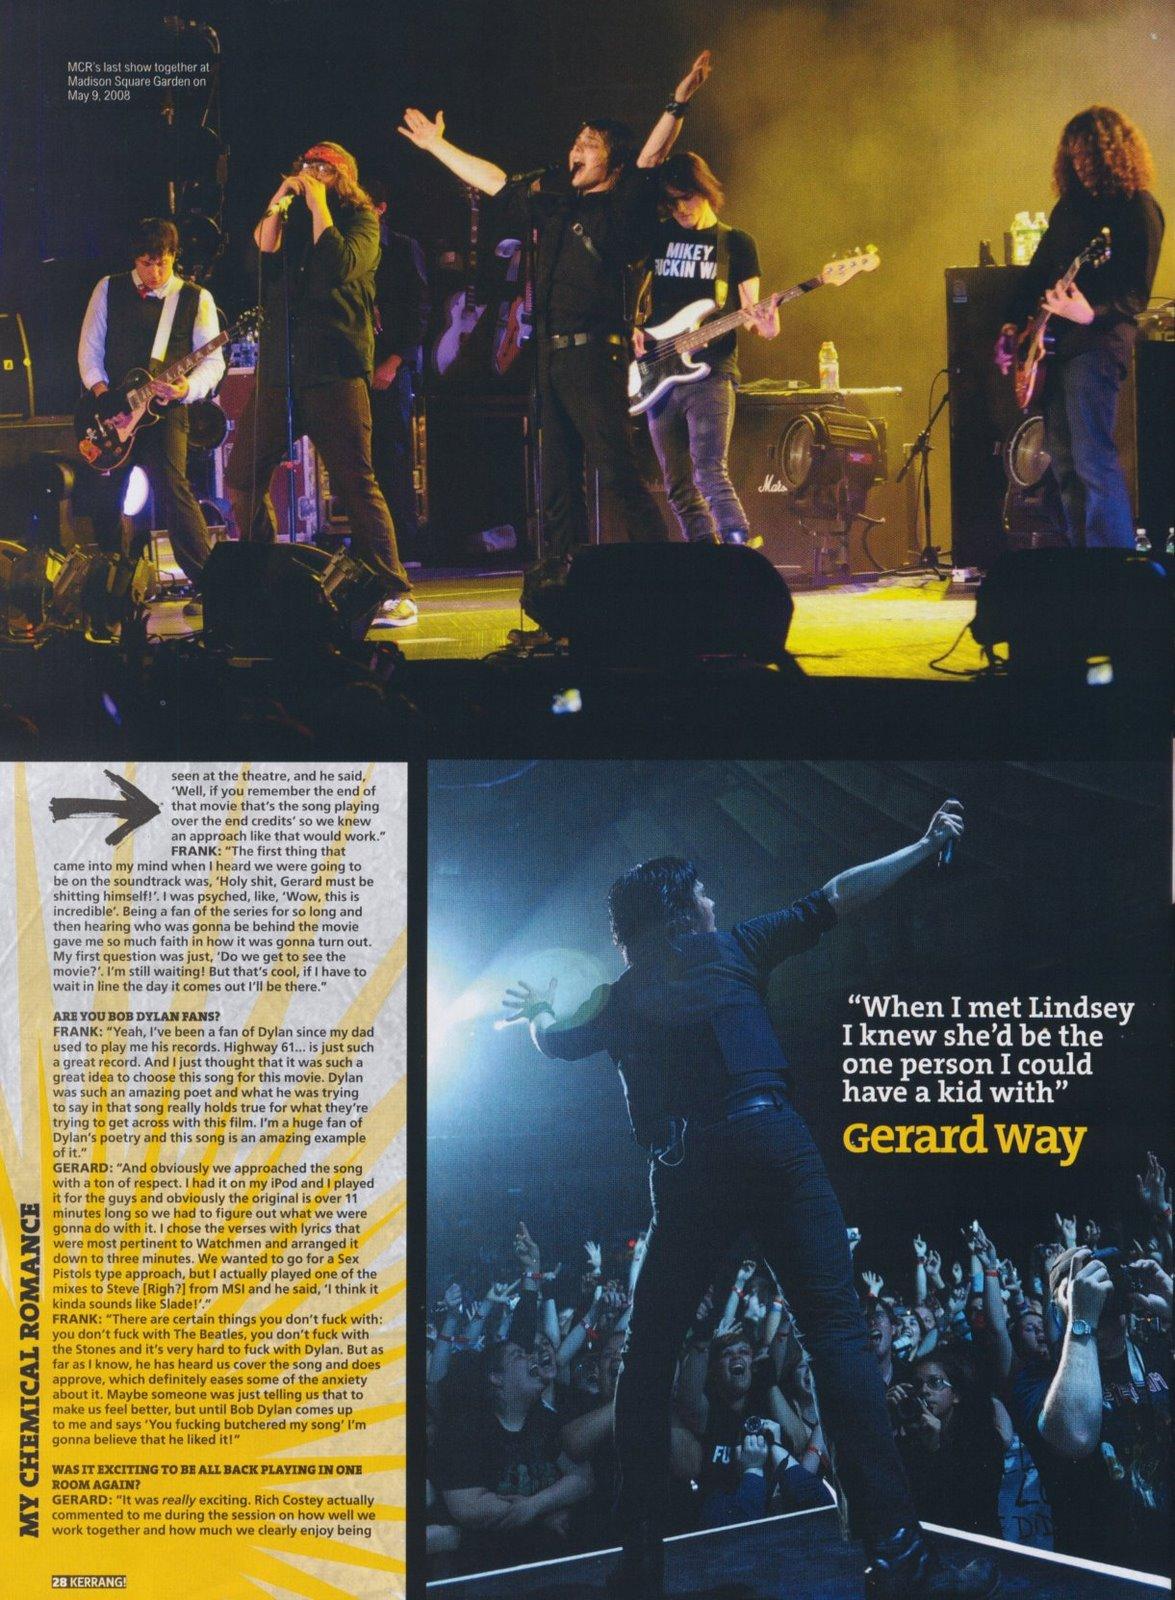 Kerrang! MCR Face the future Kerrang%2B%231247%2B4.